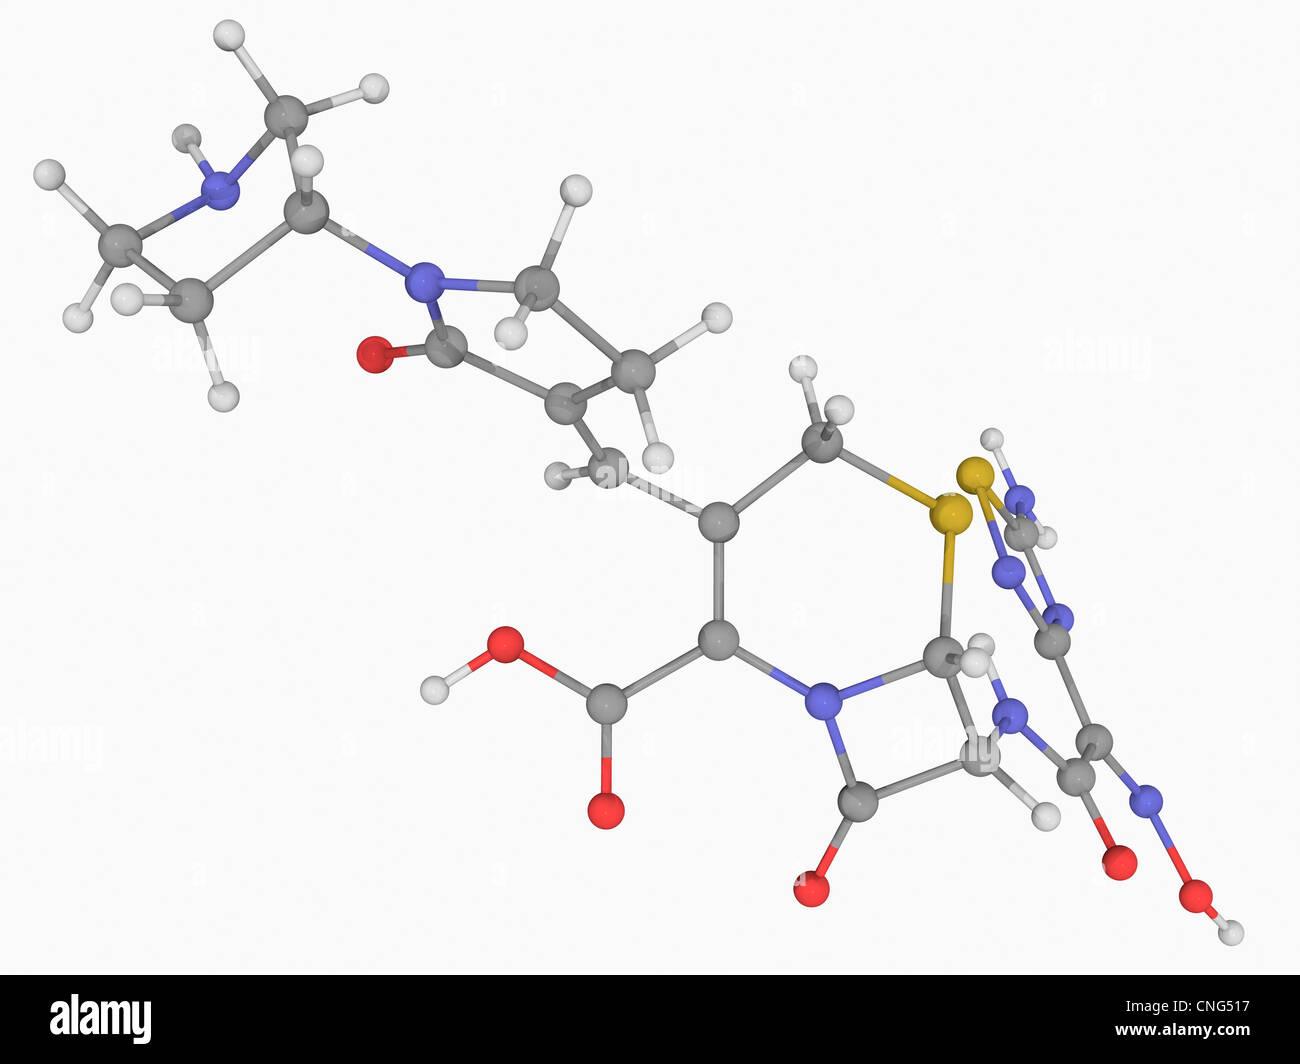 Ceftobiprole drug molecule - Stock Image